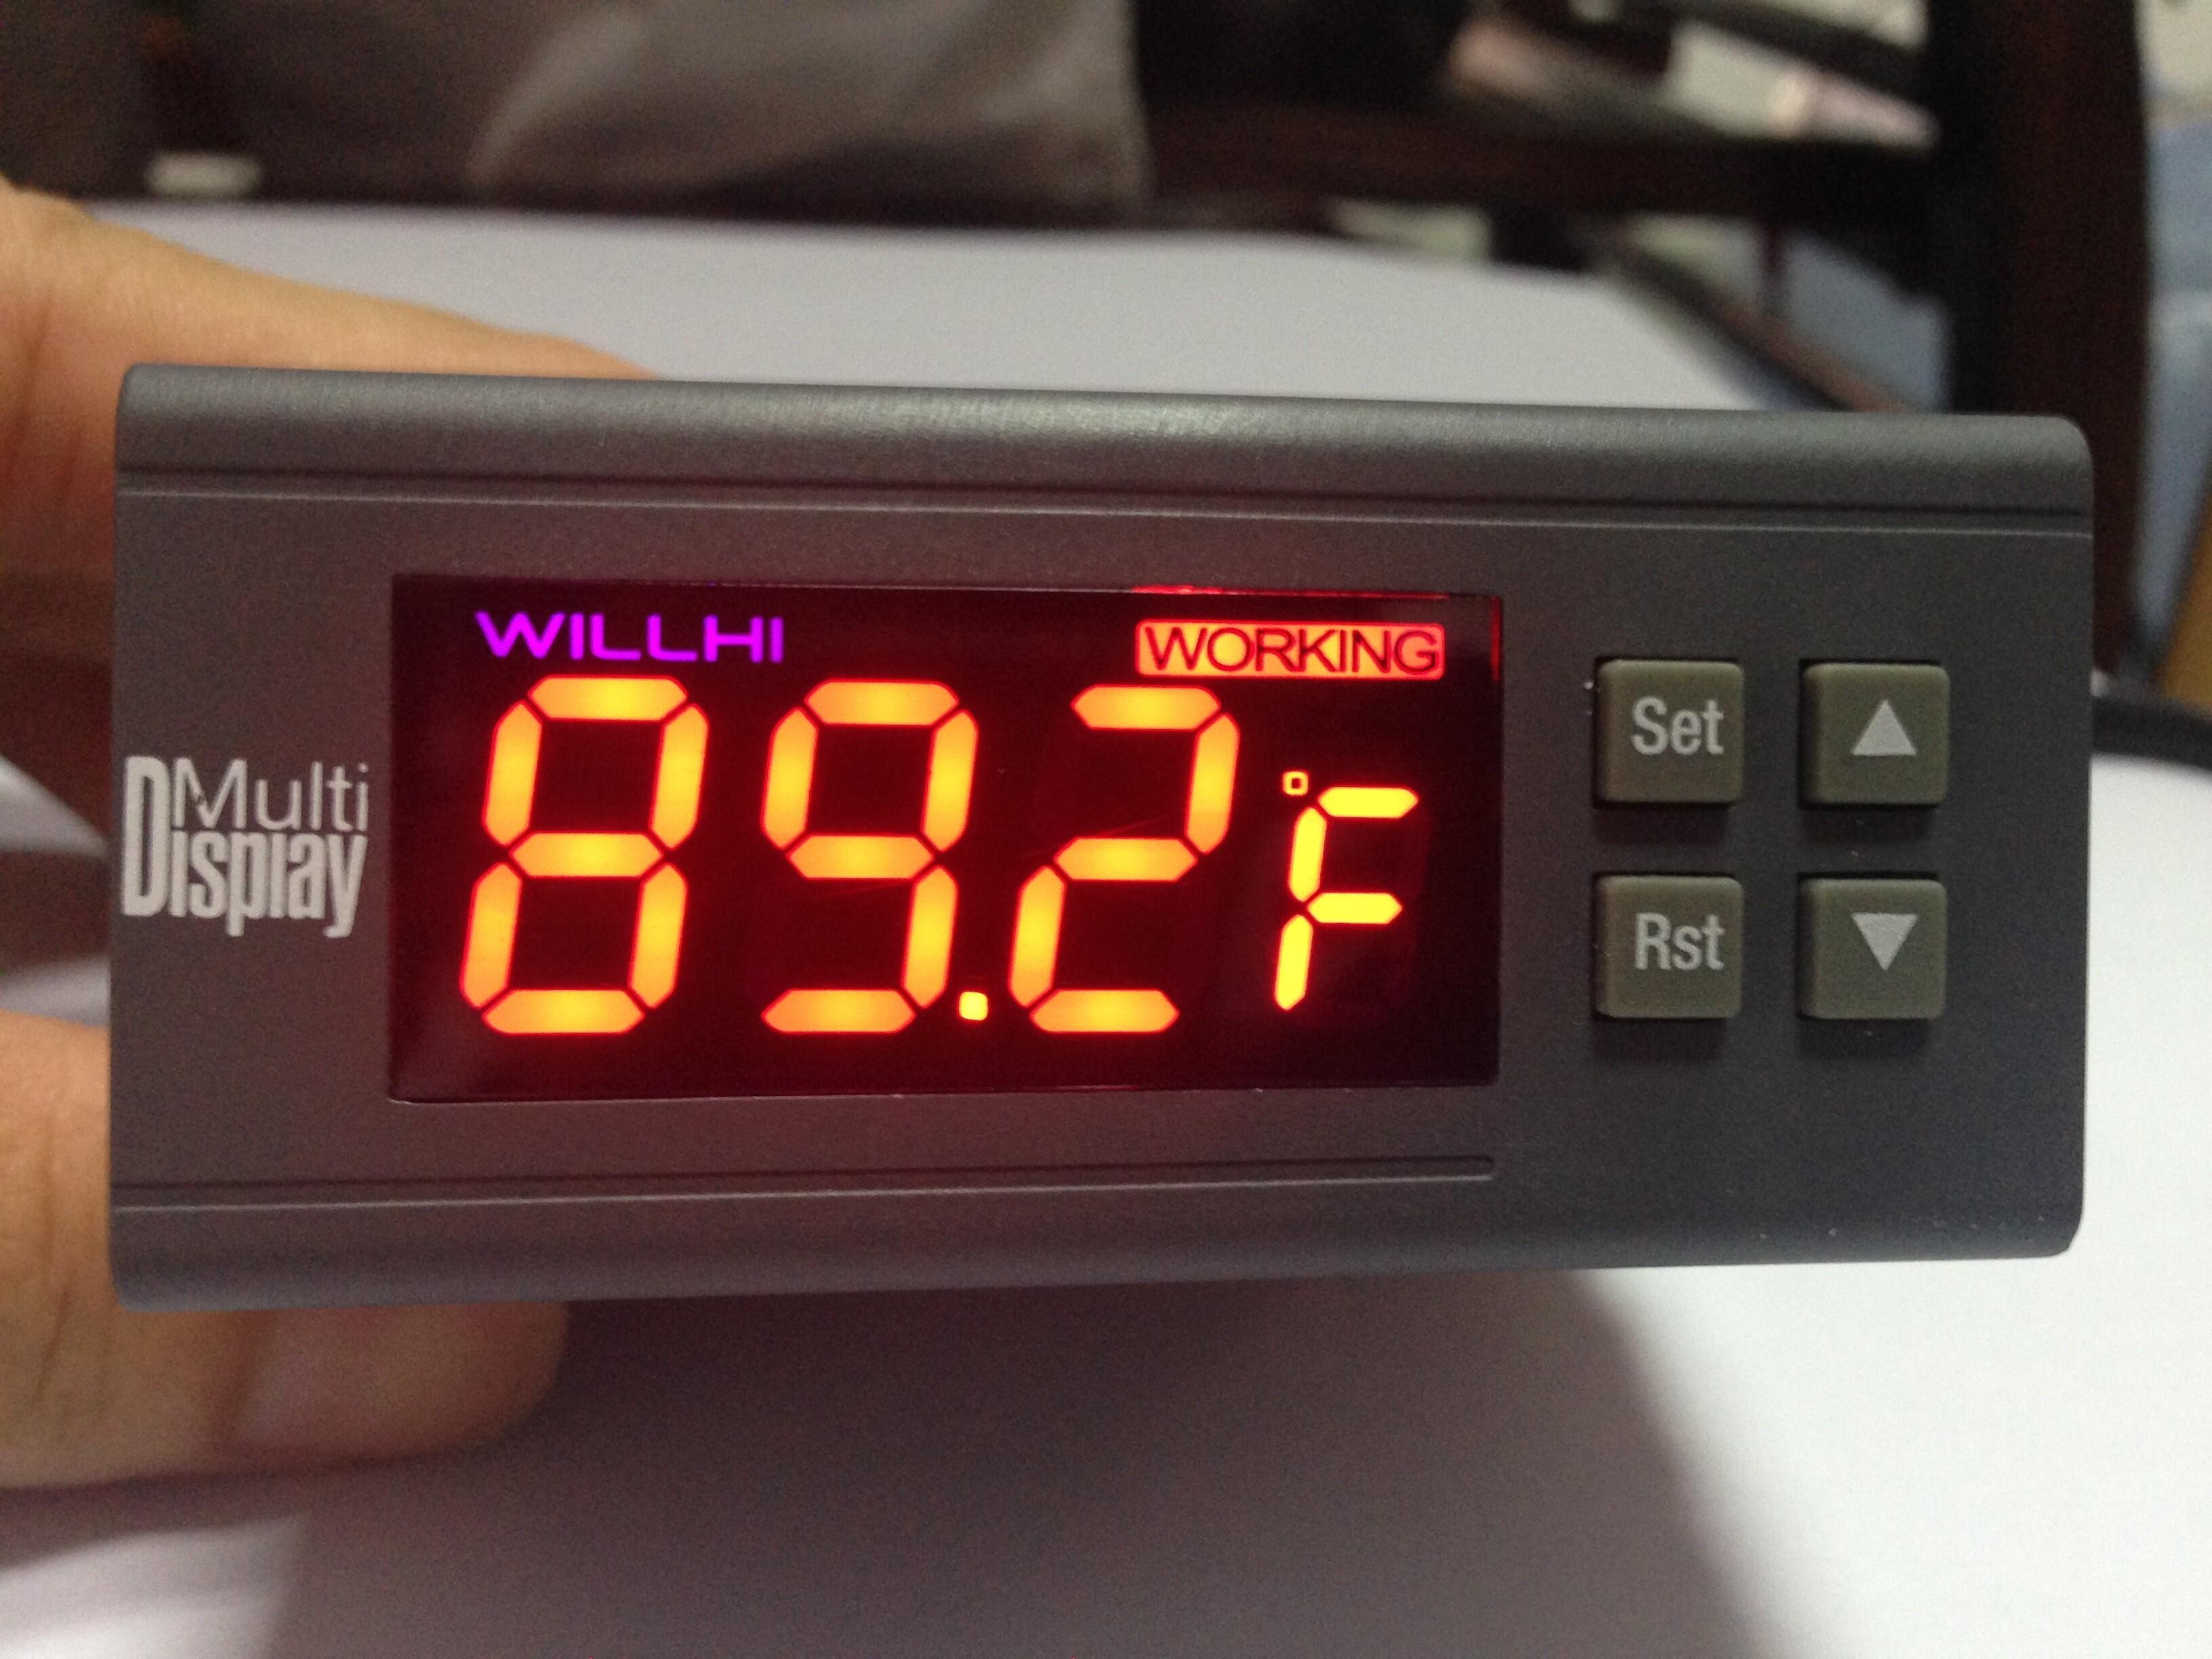 Nhiệt kế để thông minh, bò sát, nhiệt kế để làm nóng, hệ thống điều khiển nhiệt WH7016S+ 2 chiều.